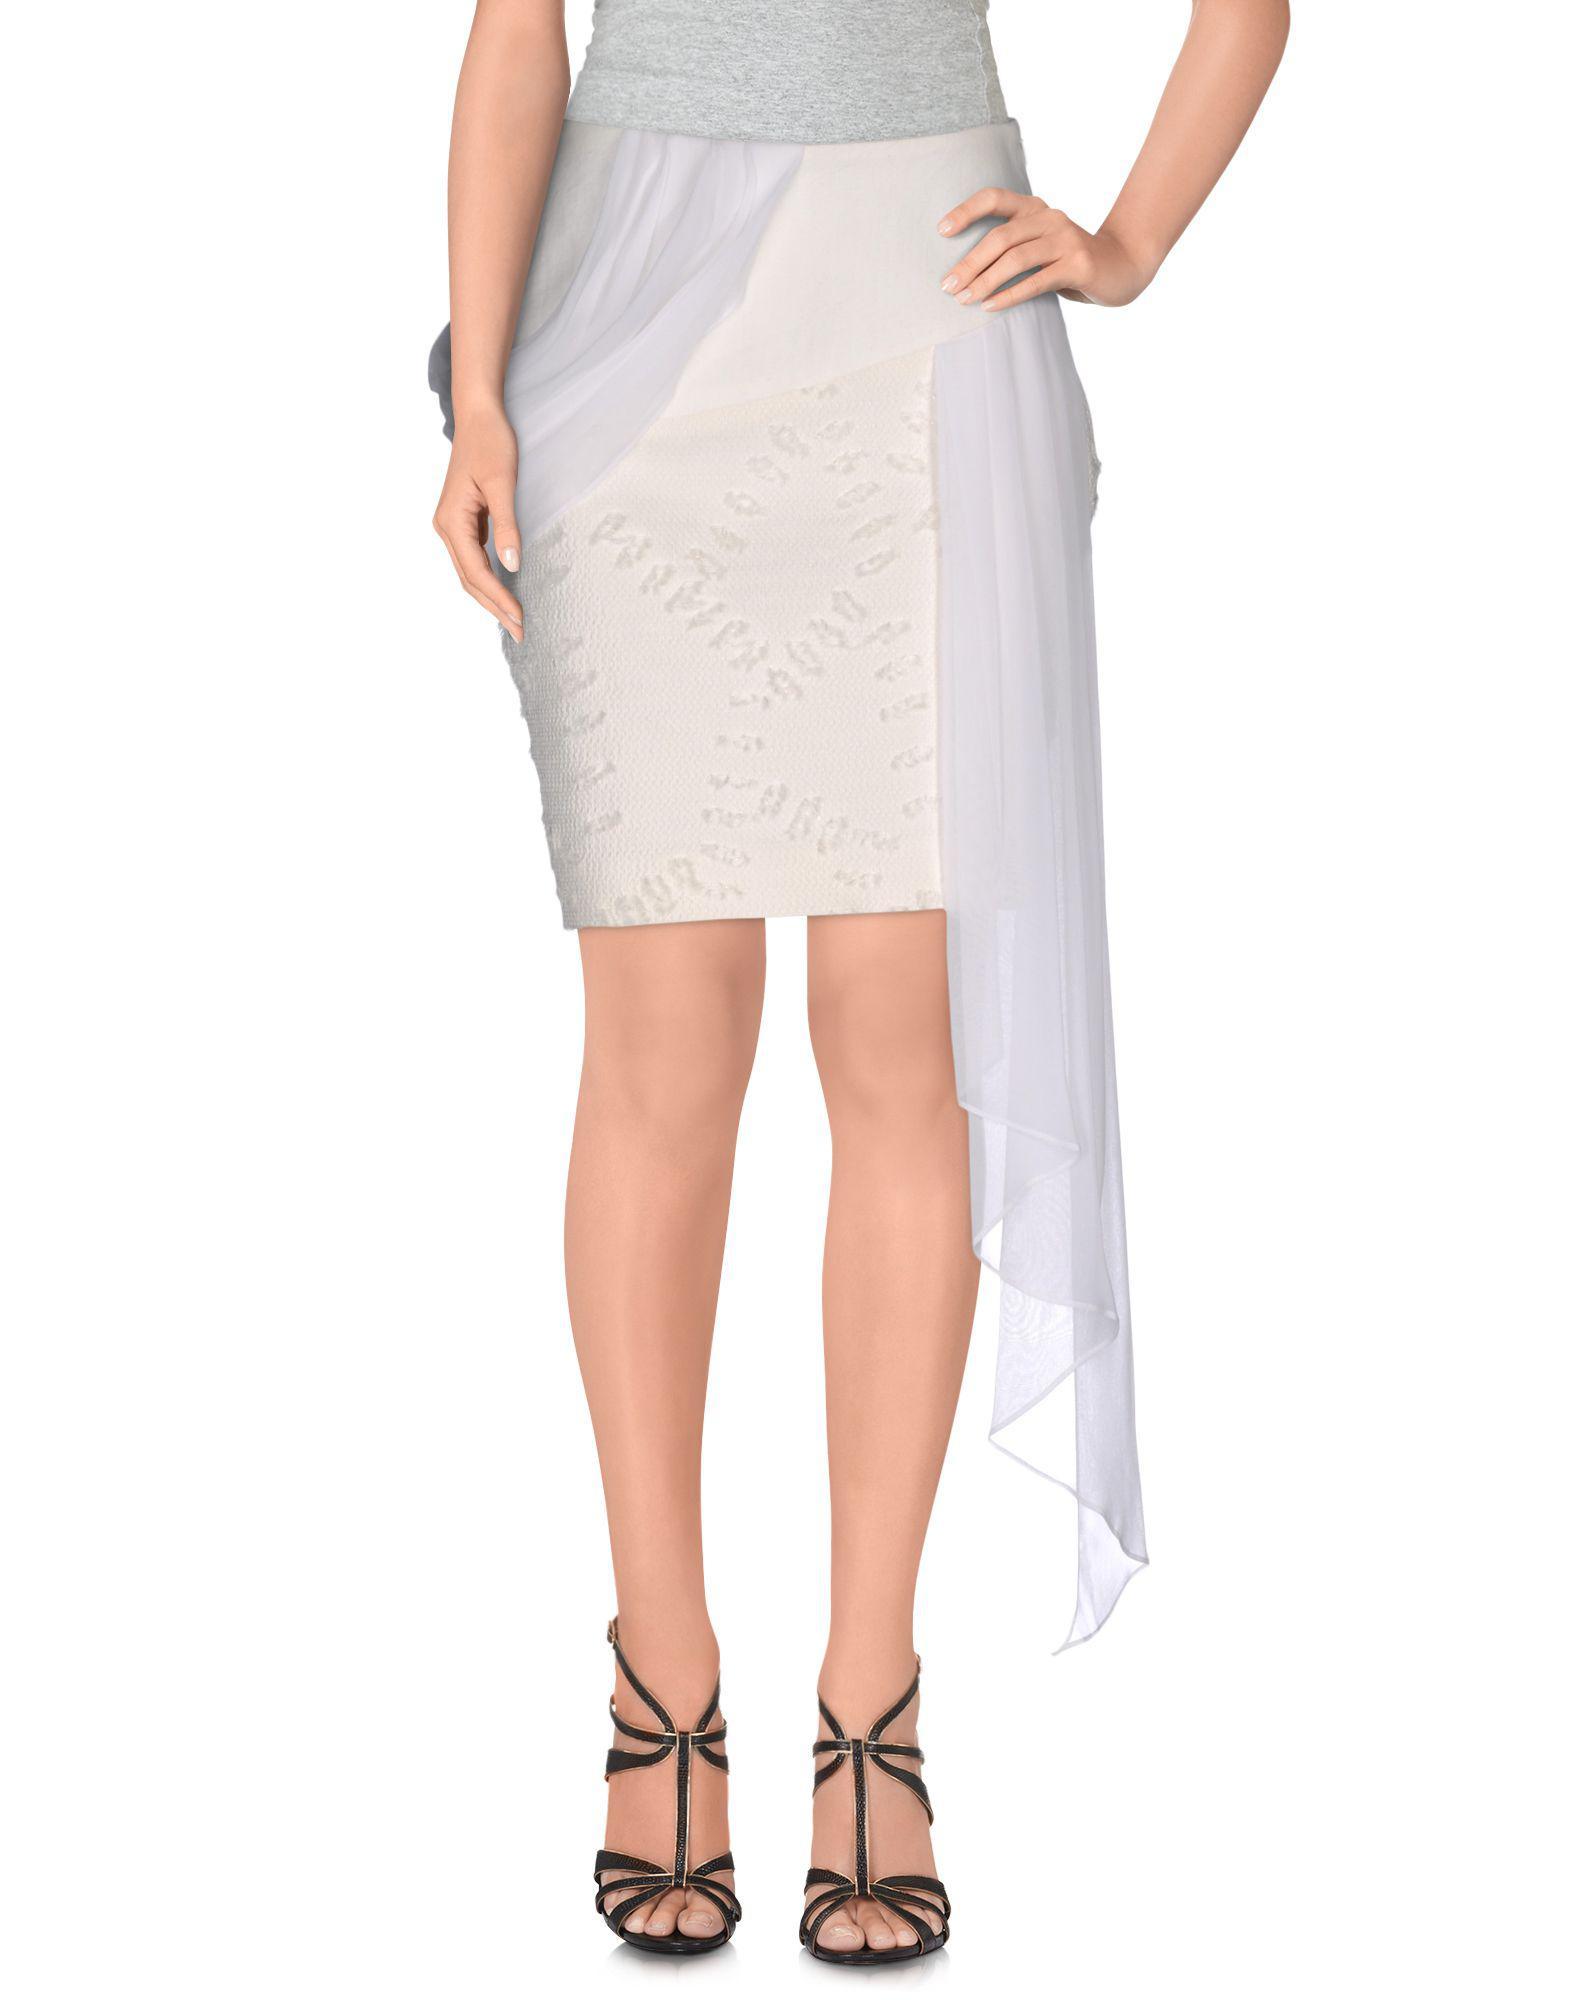 f940020846 Prabal Gurung Knee Length Skirts in White - Lyst